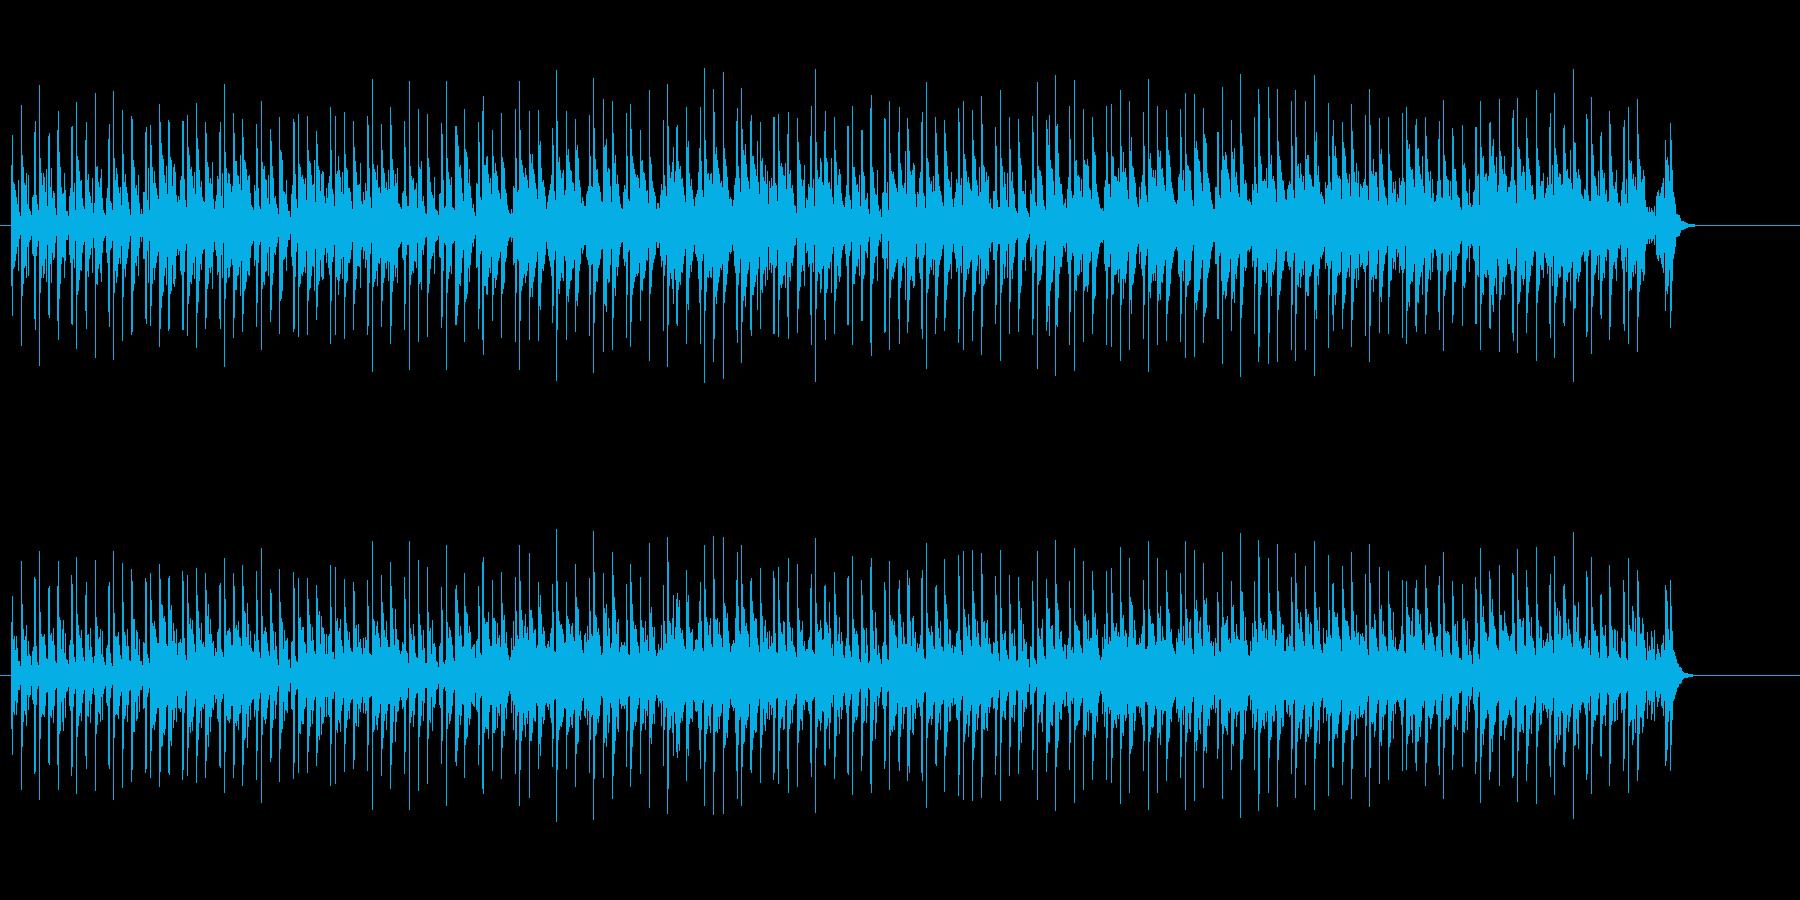 情緒的なユーロ・ポップス風の曲の再生済みの波形